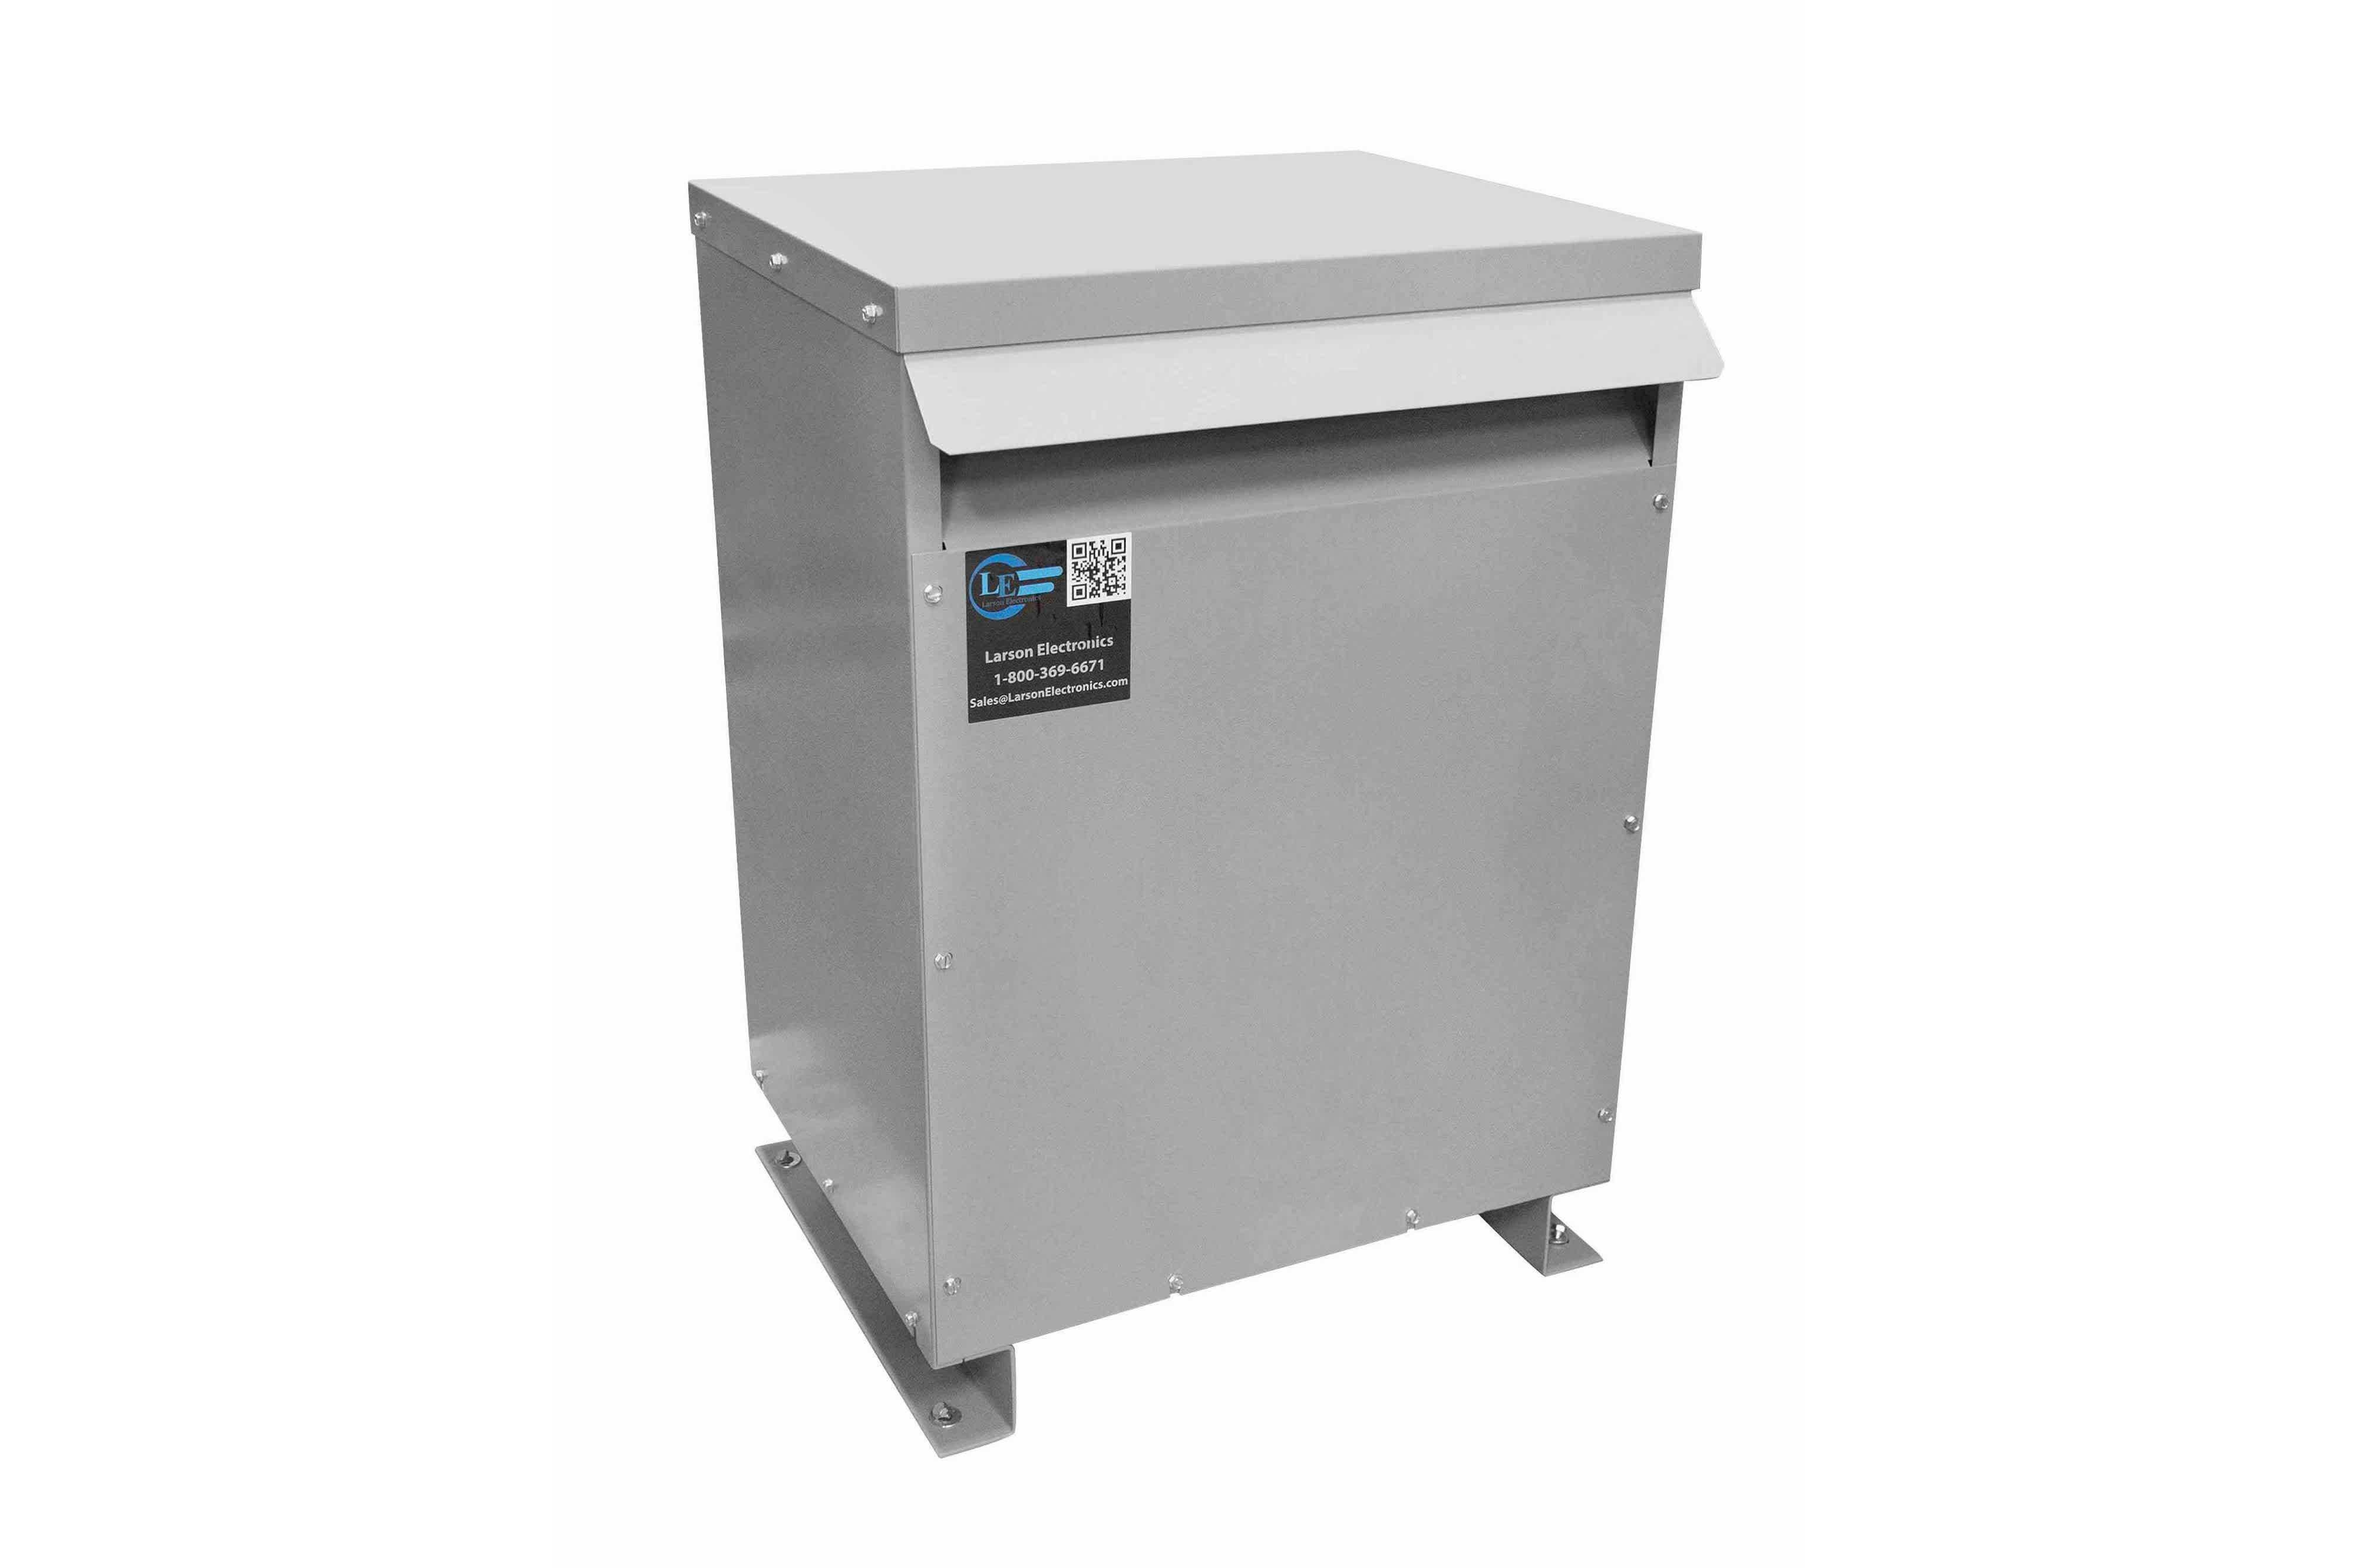 15 kVA 3PH Isolation Transformer, 480V Delta Primary, 208V Delta Secondary, N3R, Ventilated, 60 Hz